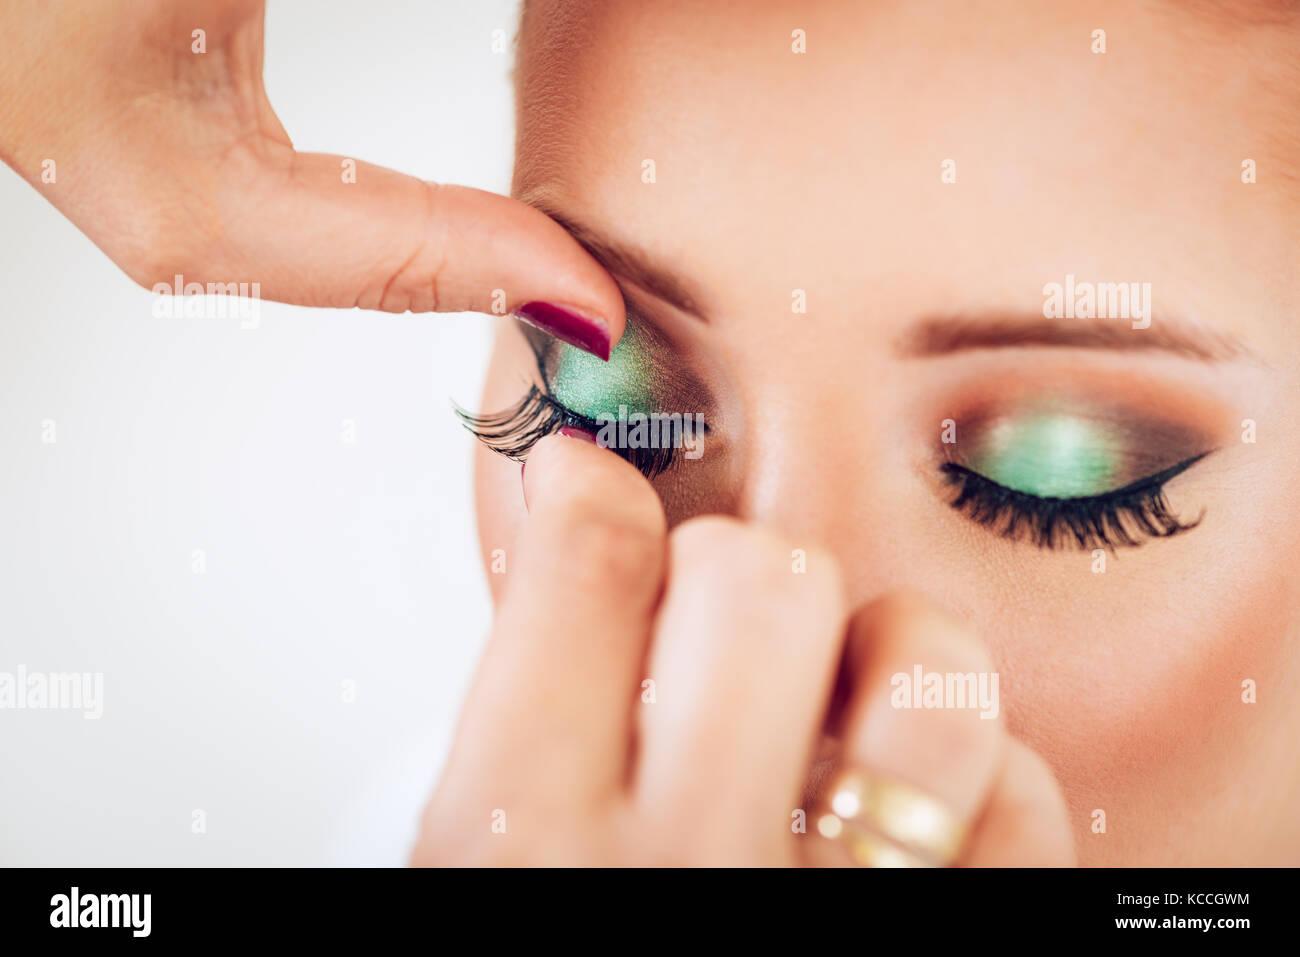 e9ce6611b87 Close up of a makeup artist applying the false eyelashes to model ...